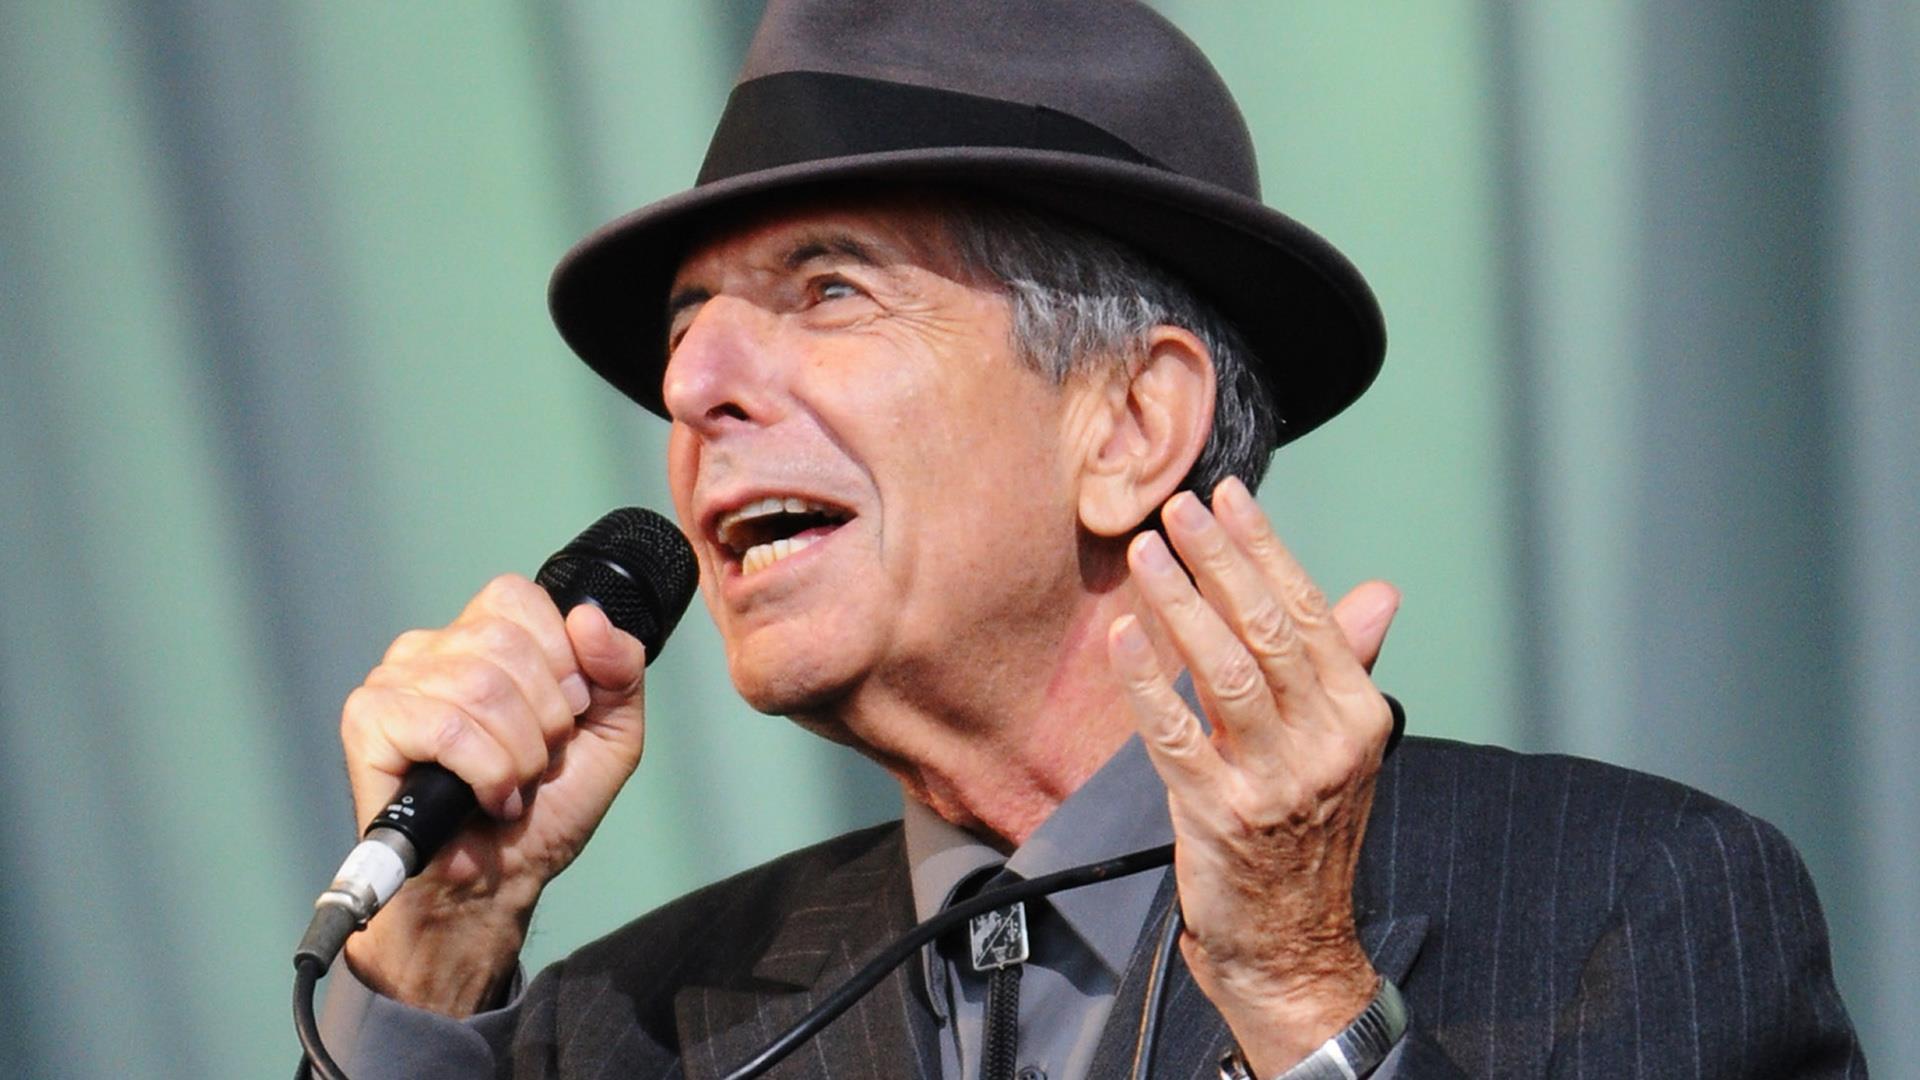 Leonard cohen legendary singer songwriter dies at 82 for Leonard cohen music videos